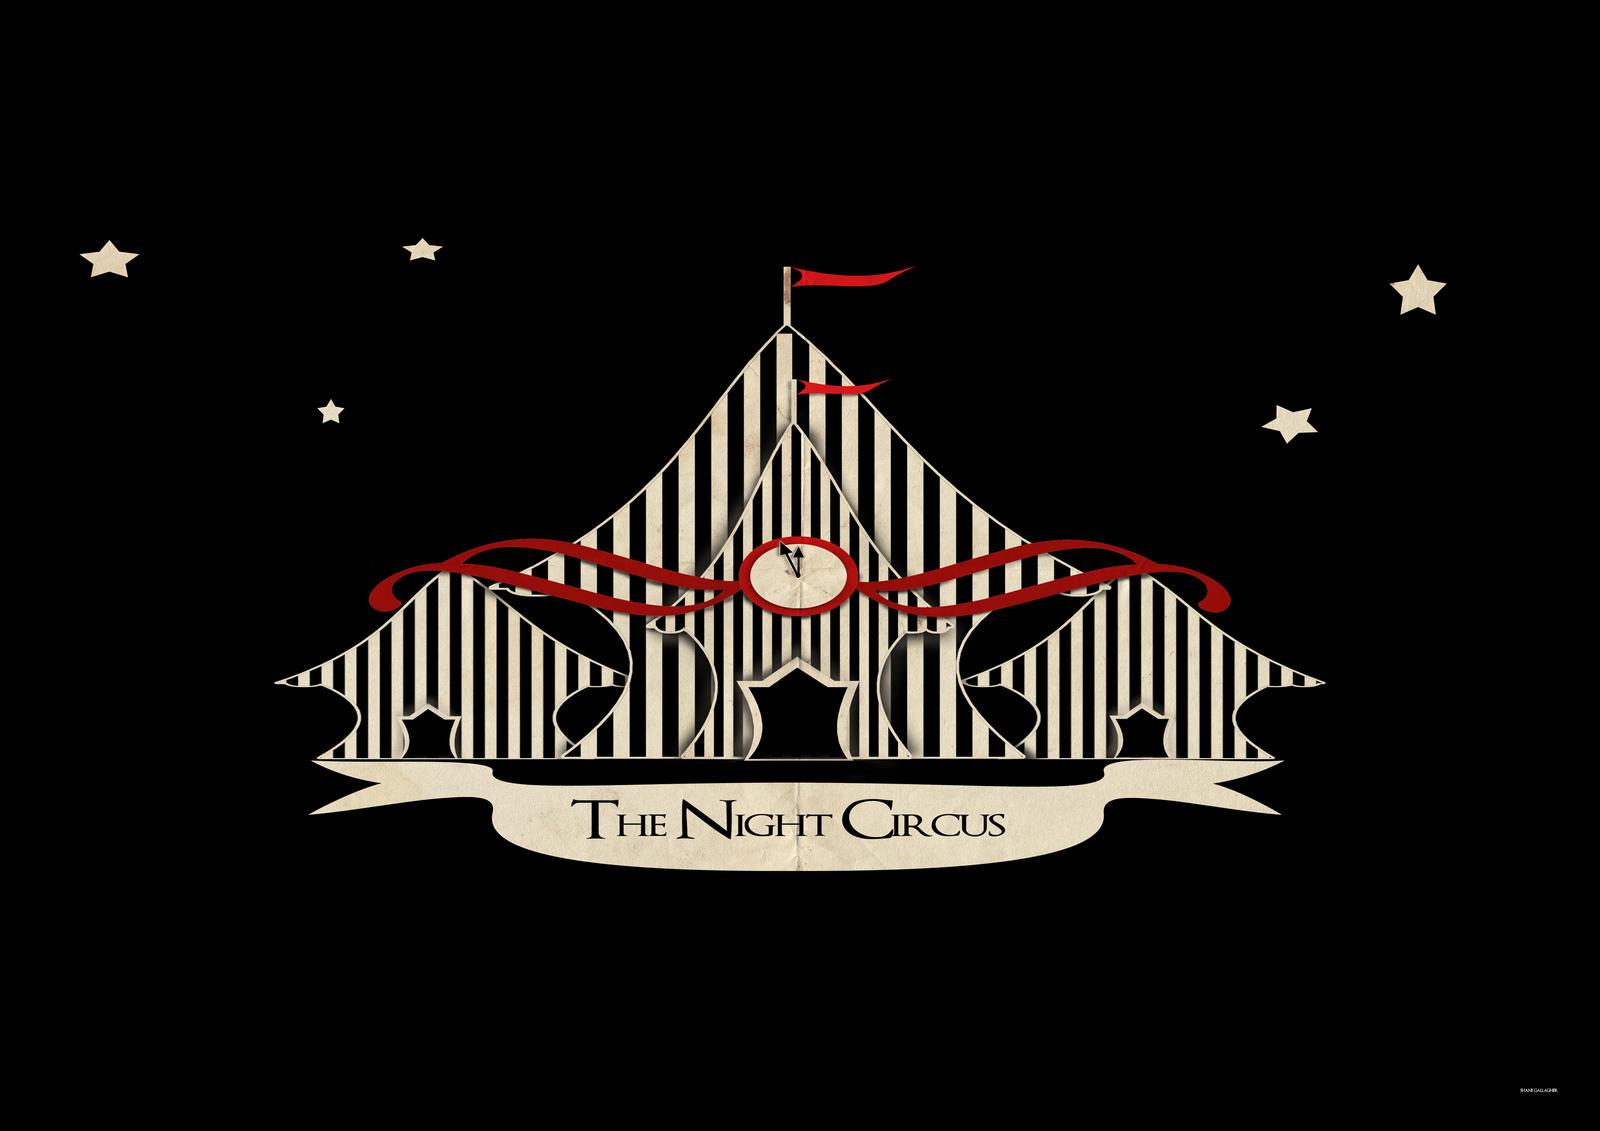 Resultado de imagen para the night circus